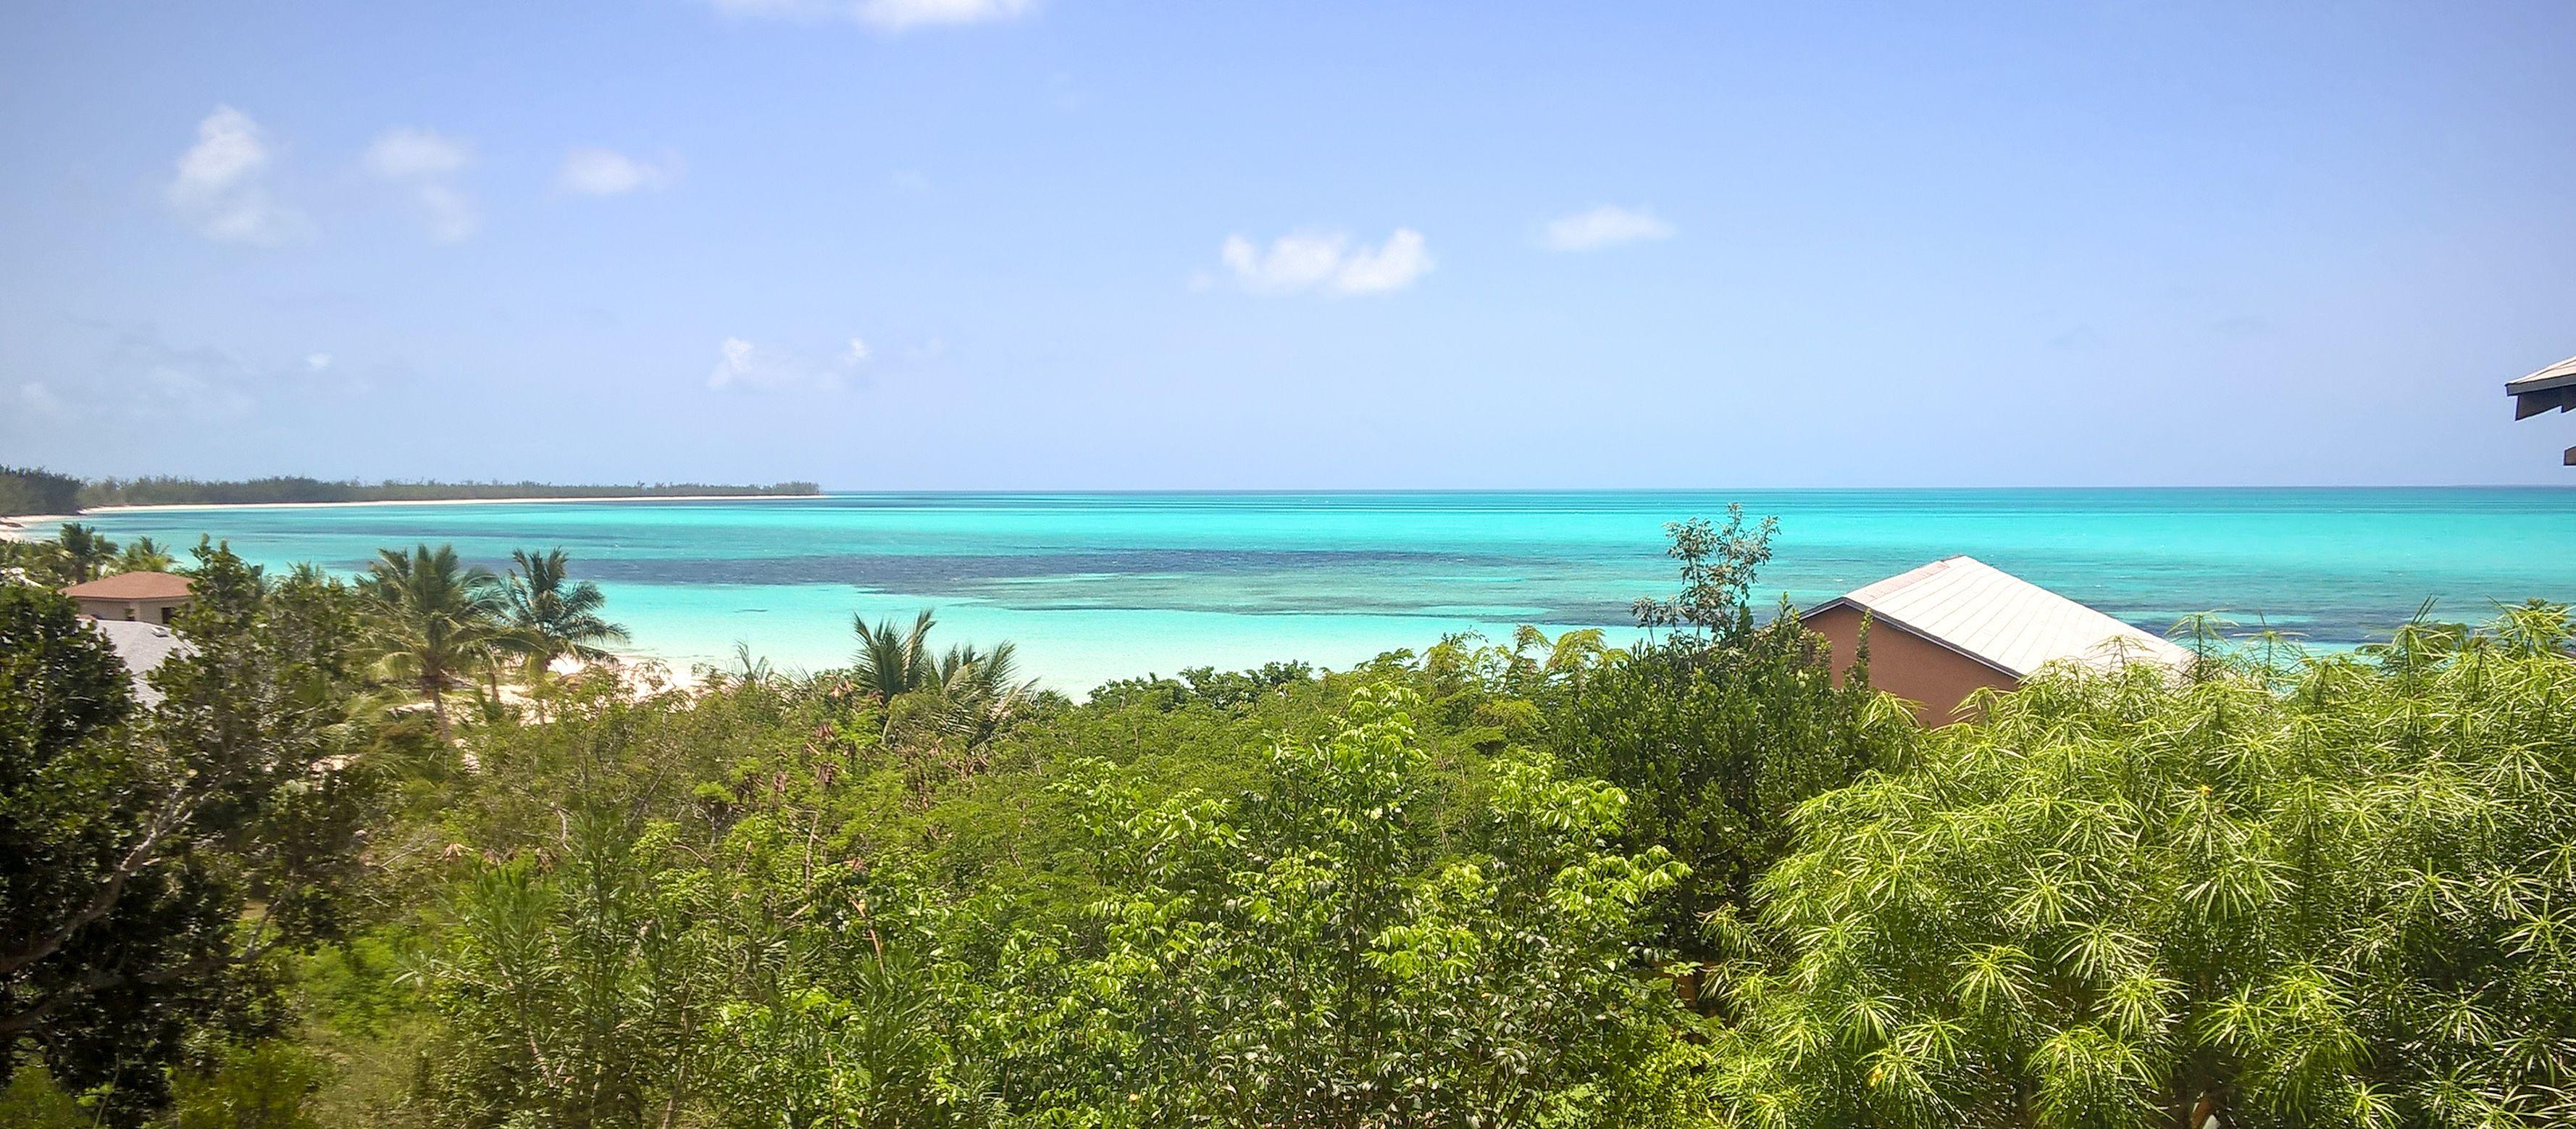 Küste von Cat Island, Bahamas